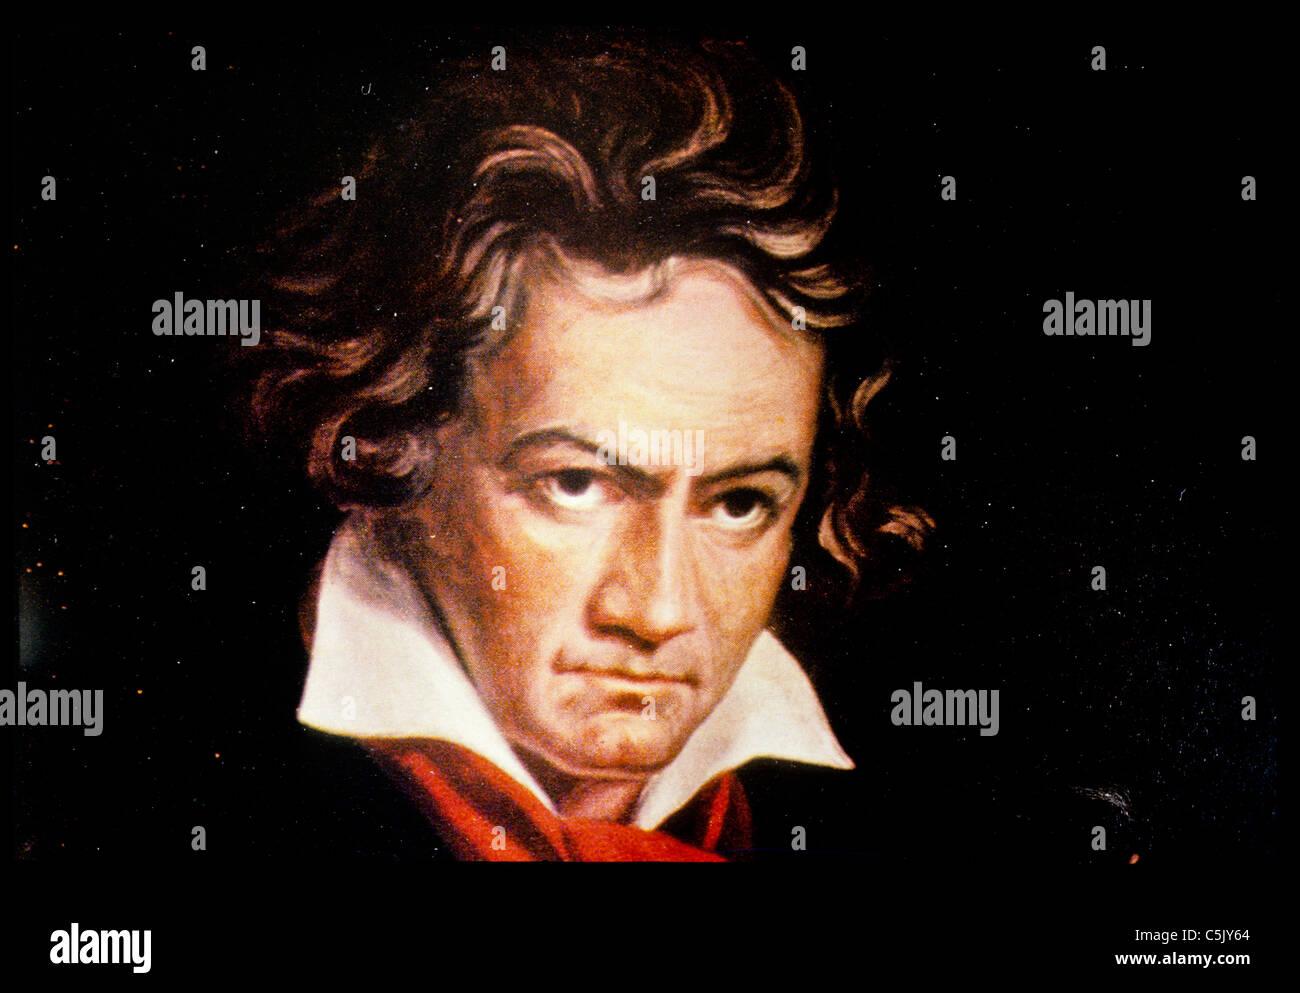 Ludwig van Beethoven - Stock Image